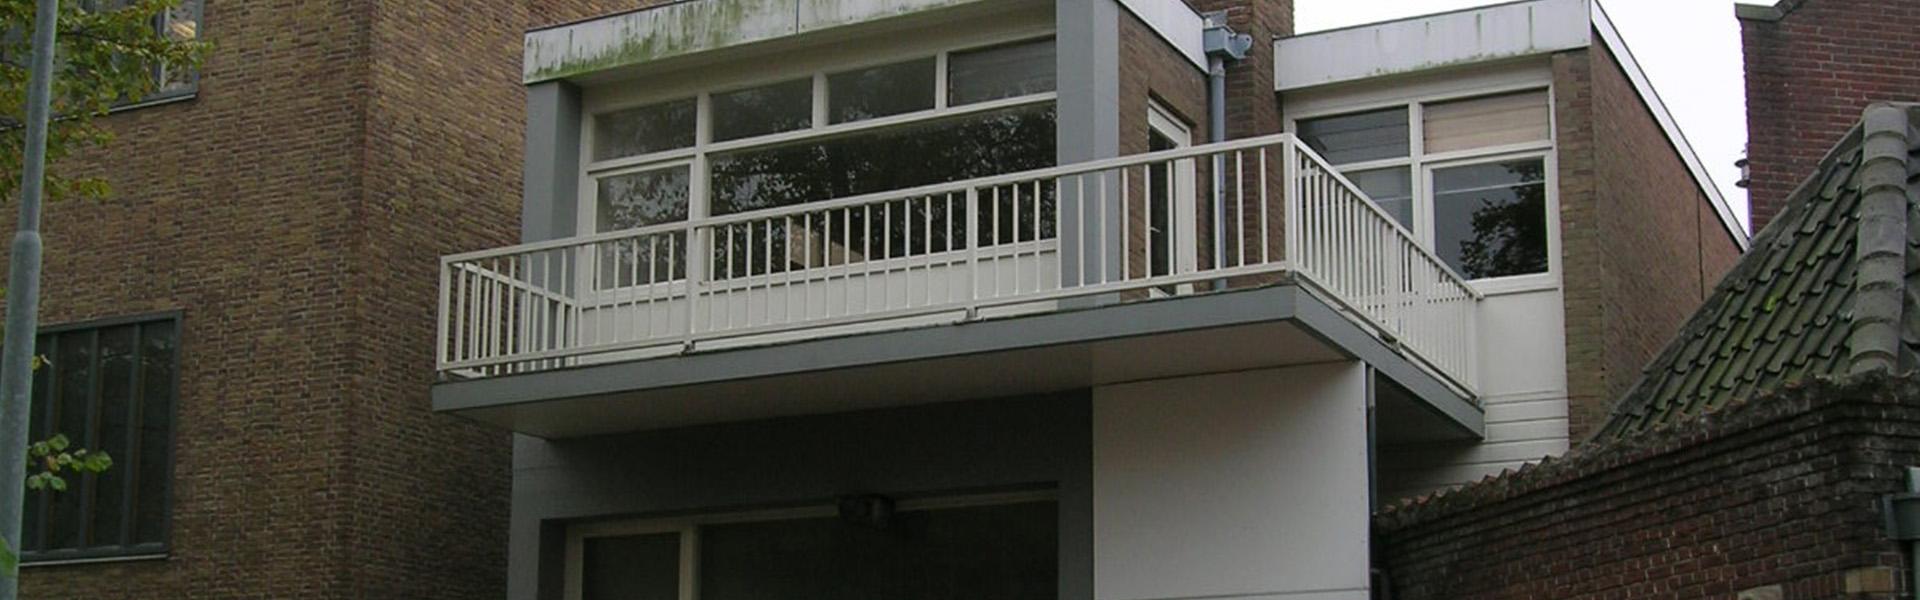 Lange Delft Middelburg - Lange Delft toen